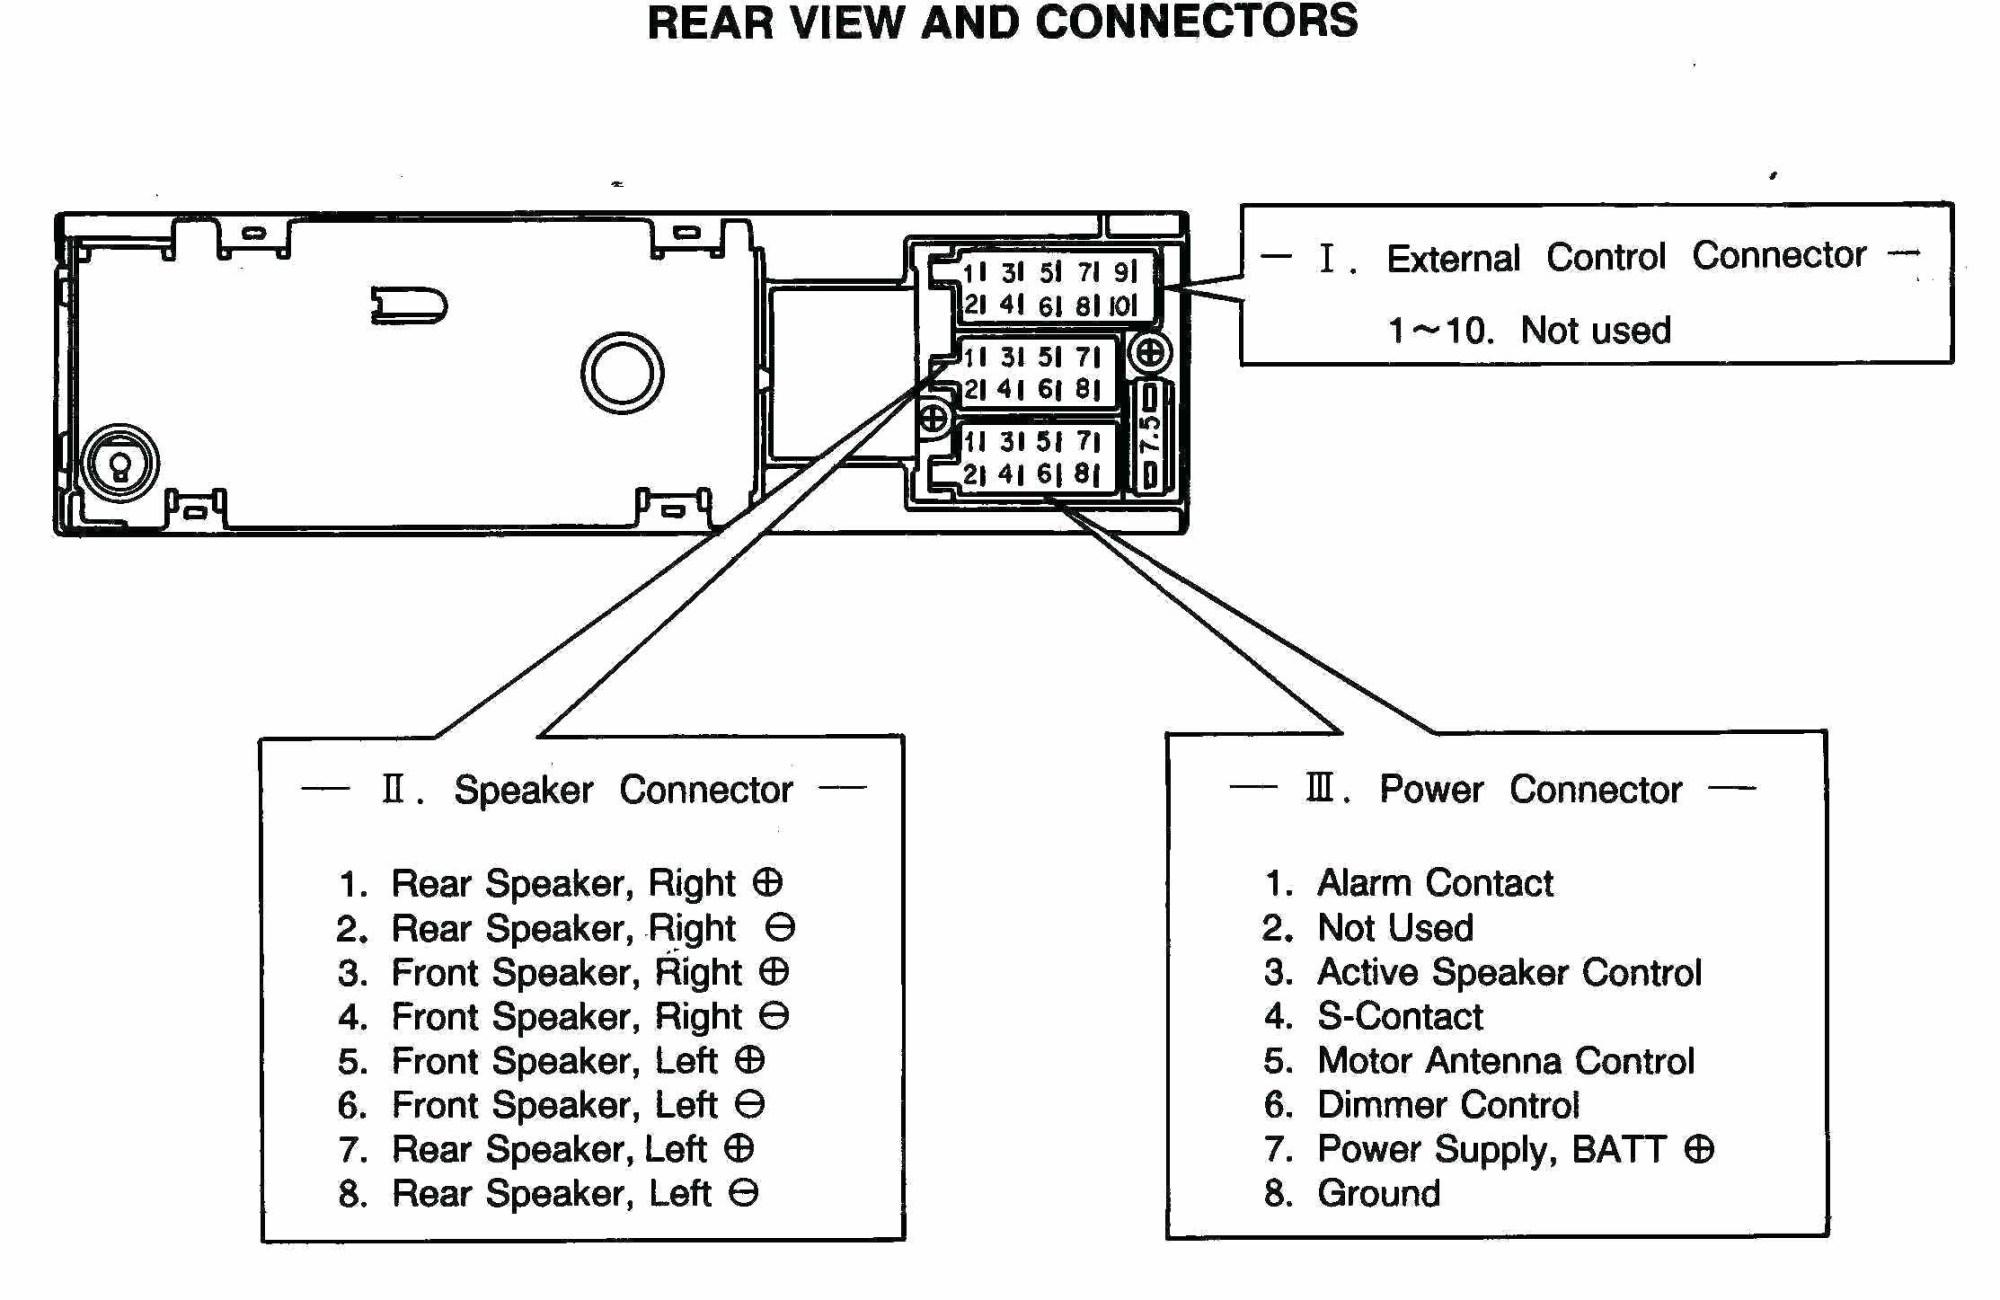 hight resolution of chrysler 3 8 engine diagram 2001 chrysler sebring wiring diagram free sophisticated radio s of chrysler